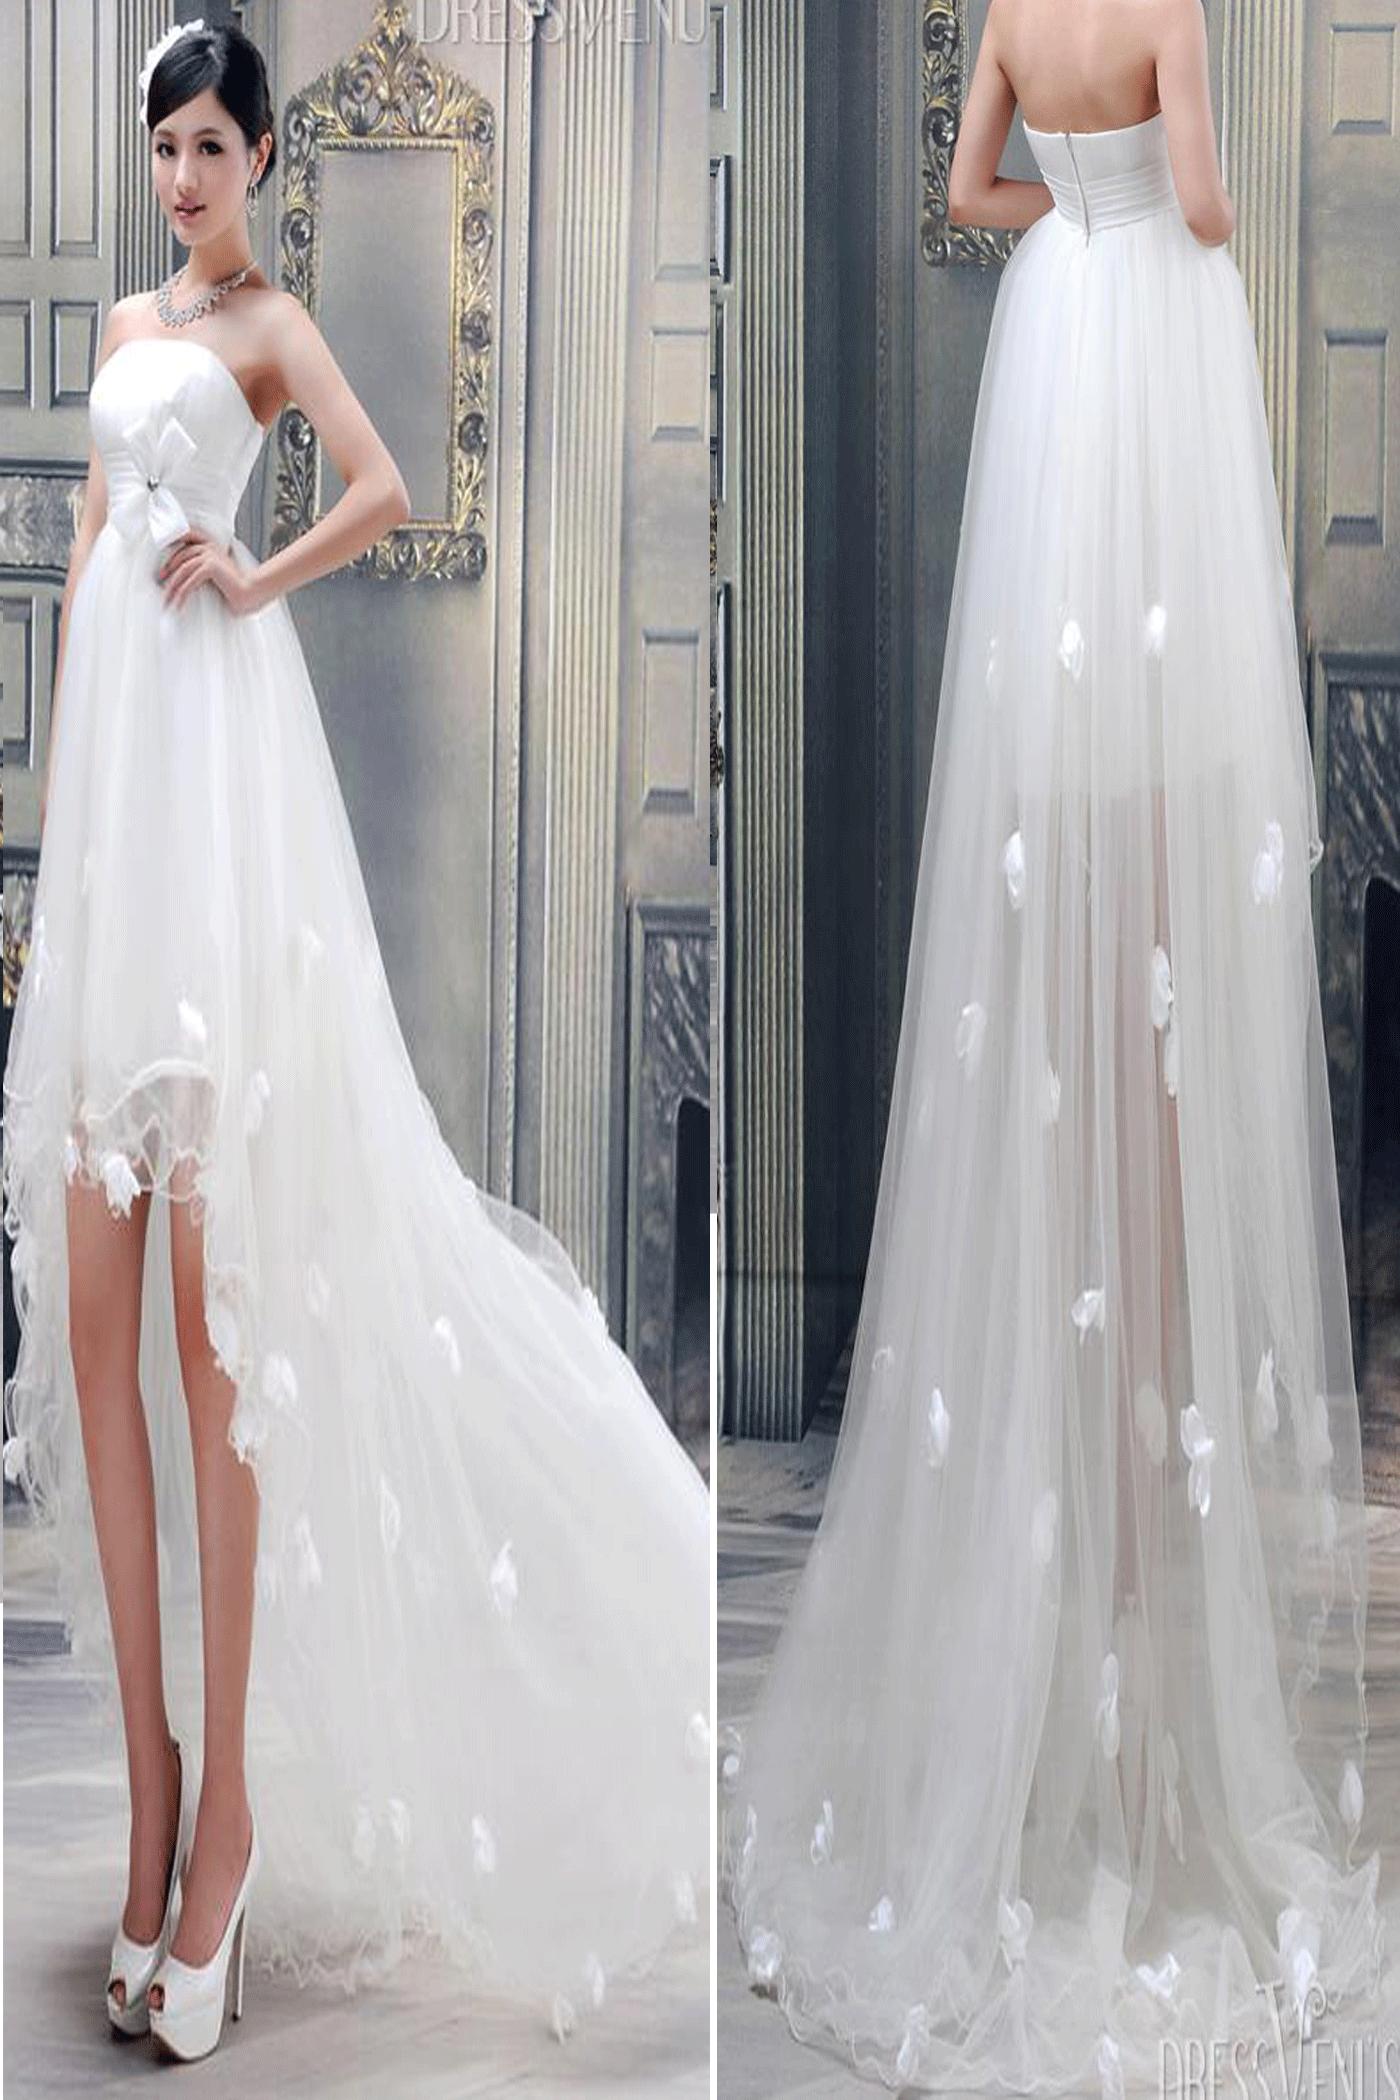 Stunning ball gown wedding dressdressvenusshop